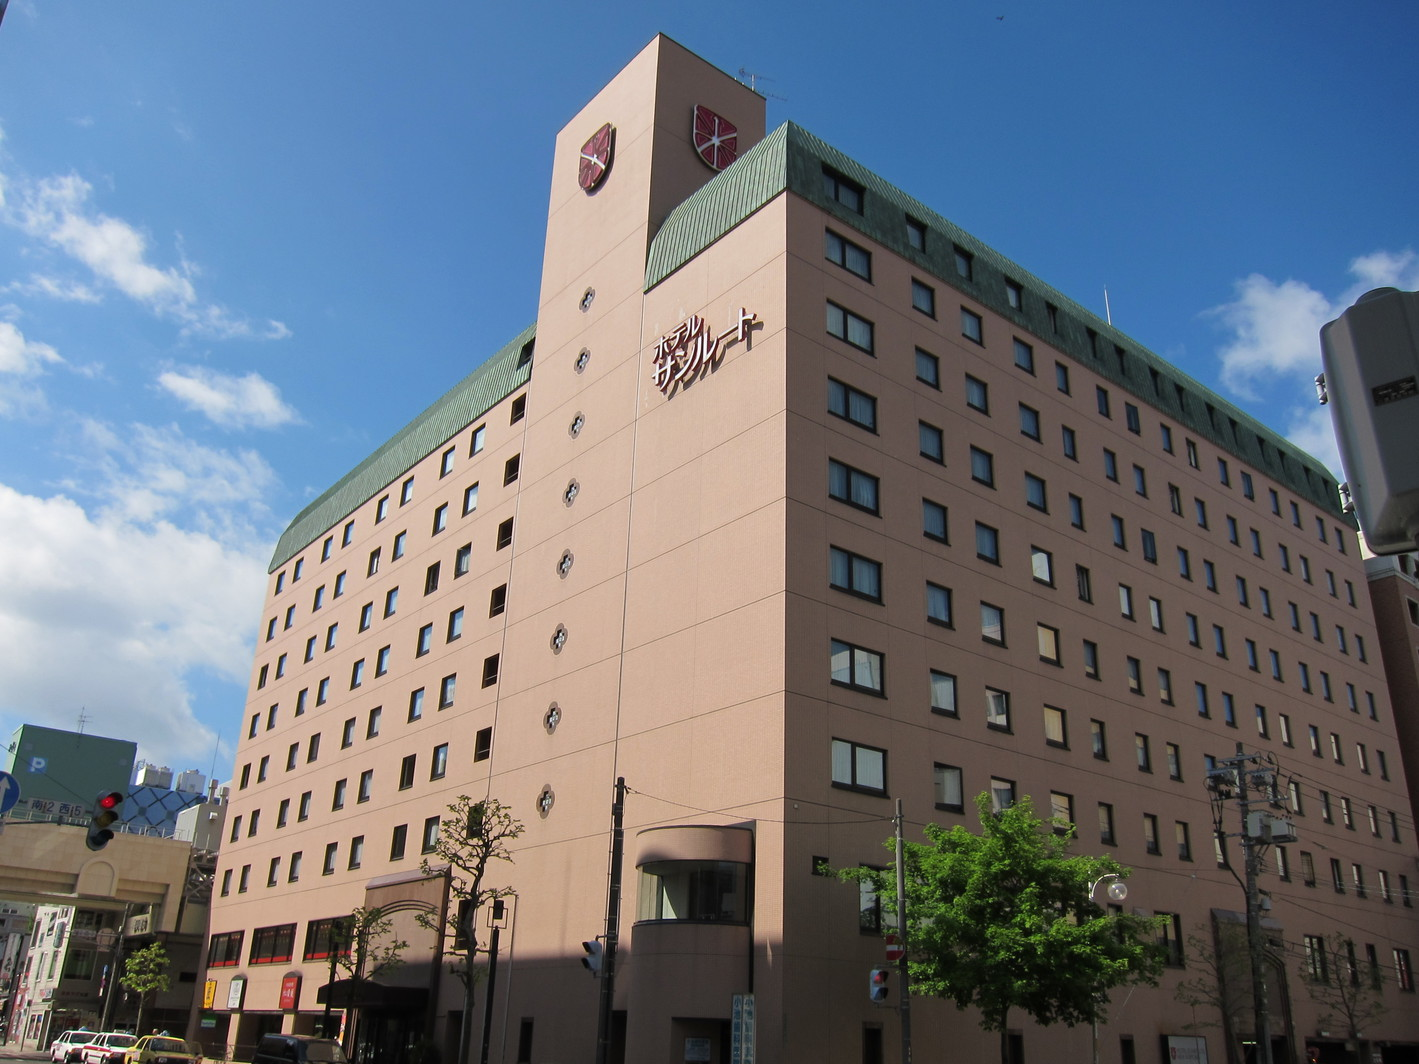 ホテルサンルートニュー札幌